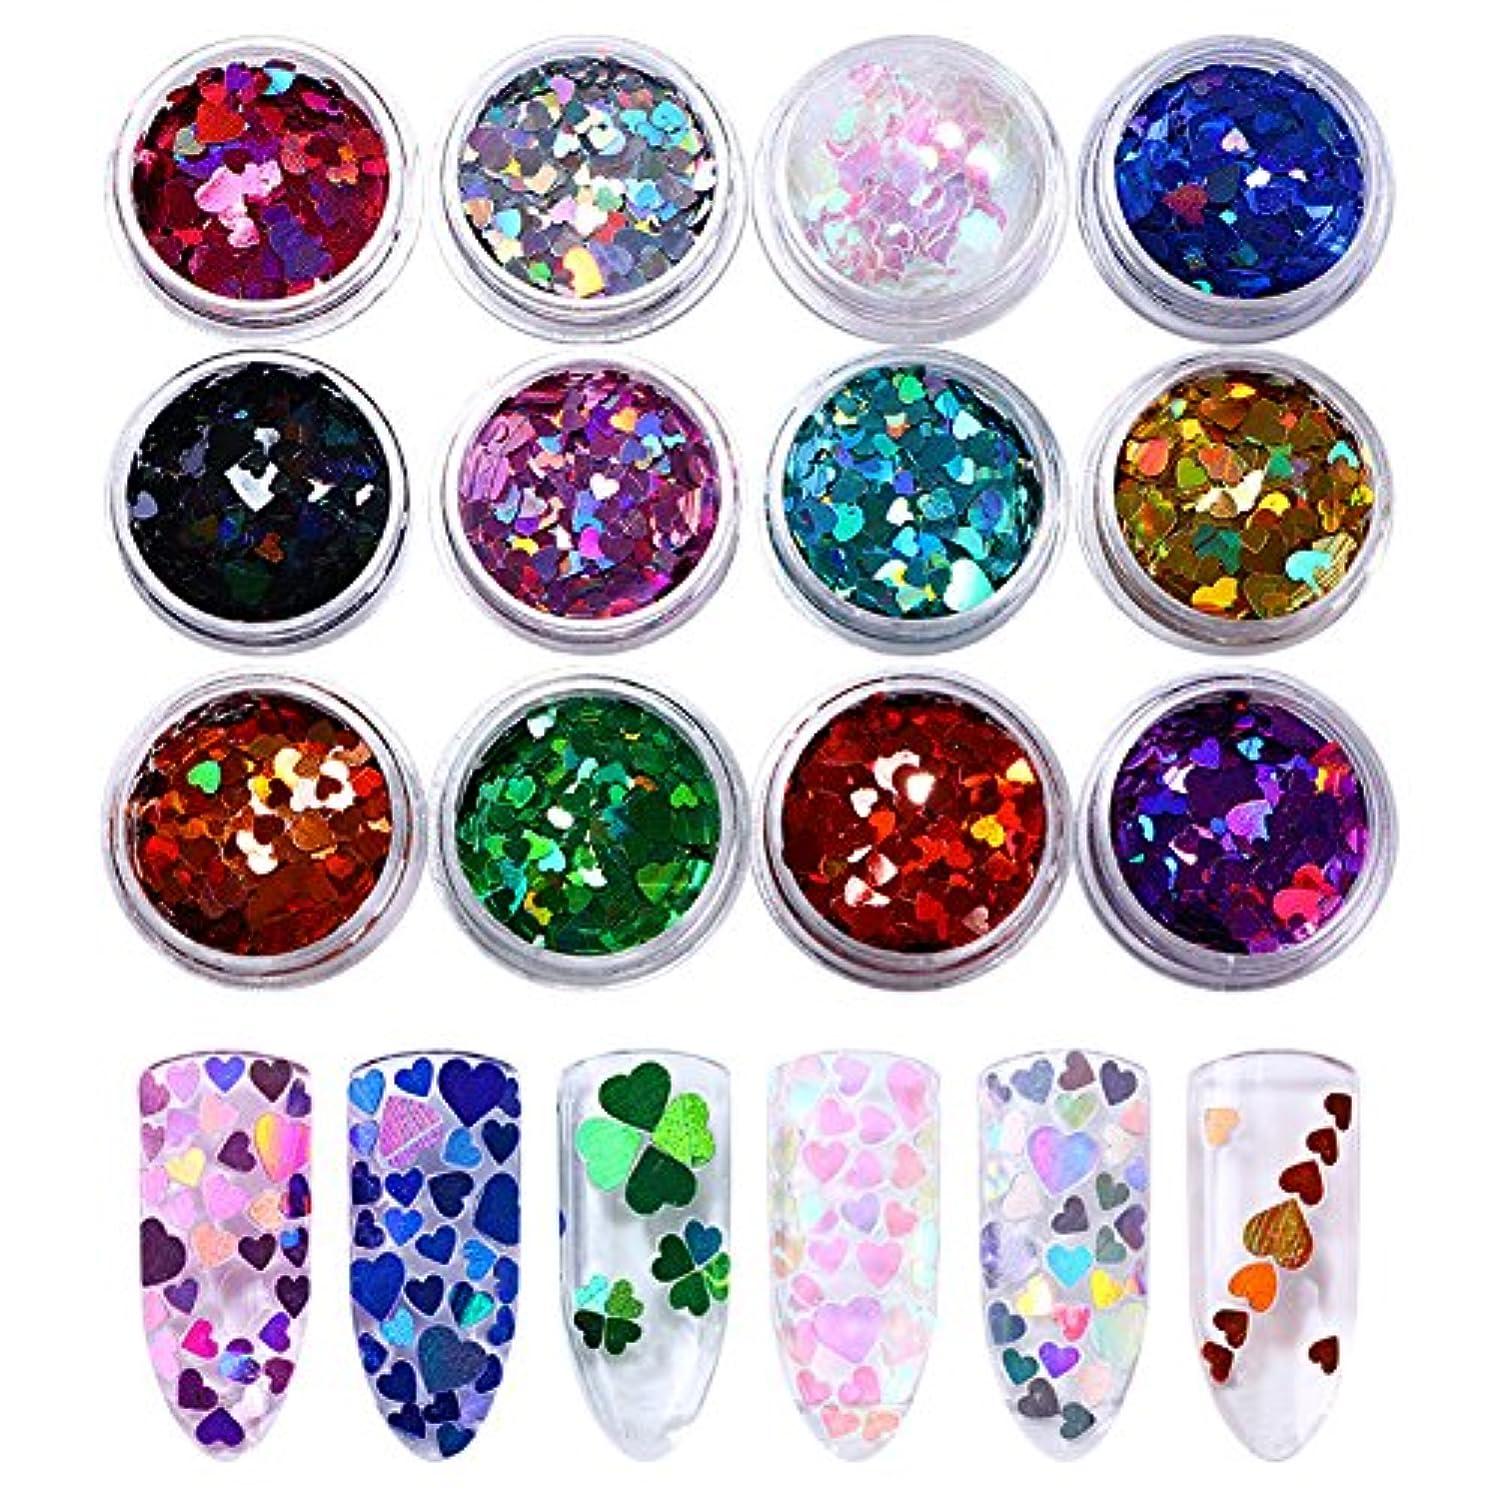 ハード音楽を聴く呼ぶNICOLE DIARY 【全12色】ホログラム ハート型 心型 ホログラフィック ボックス付き デコレーション ネイルアート [並行輸入品]